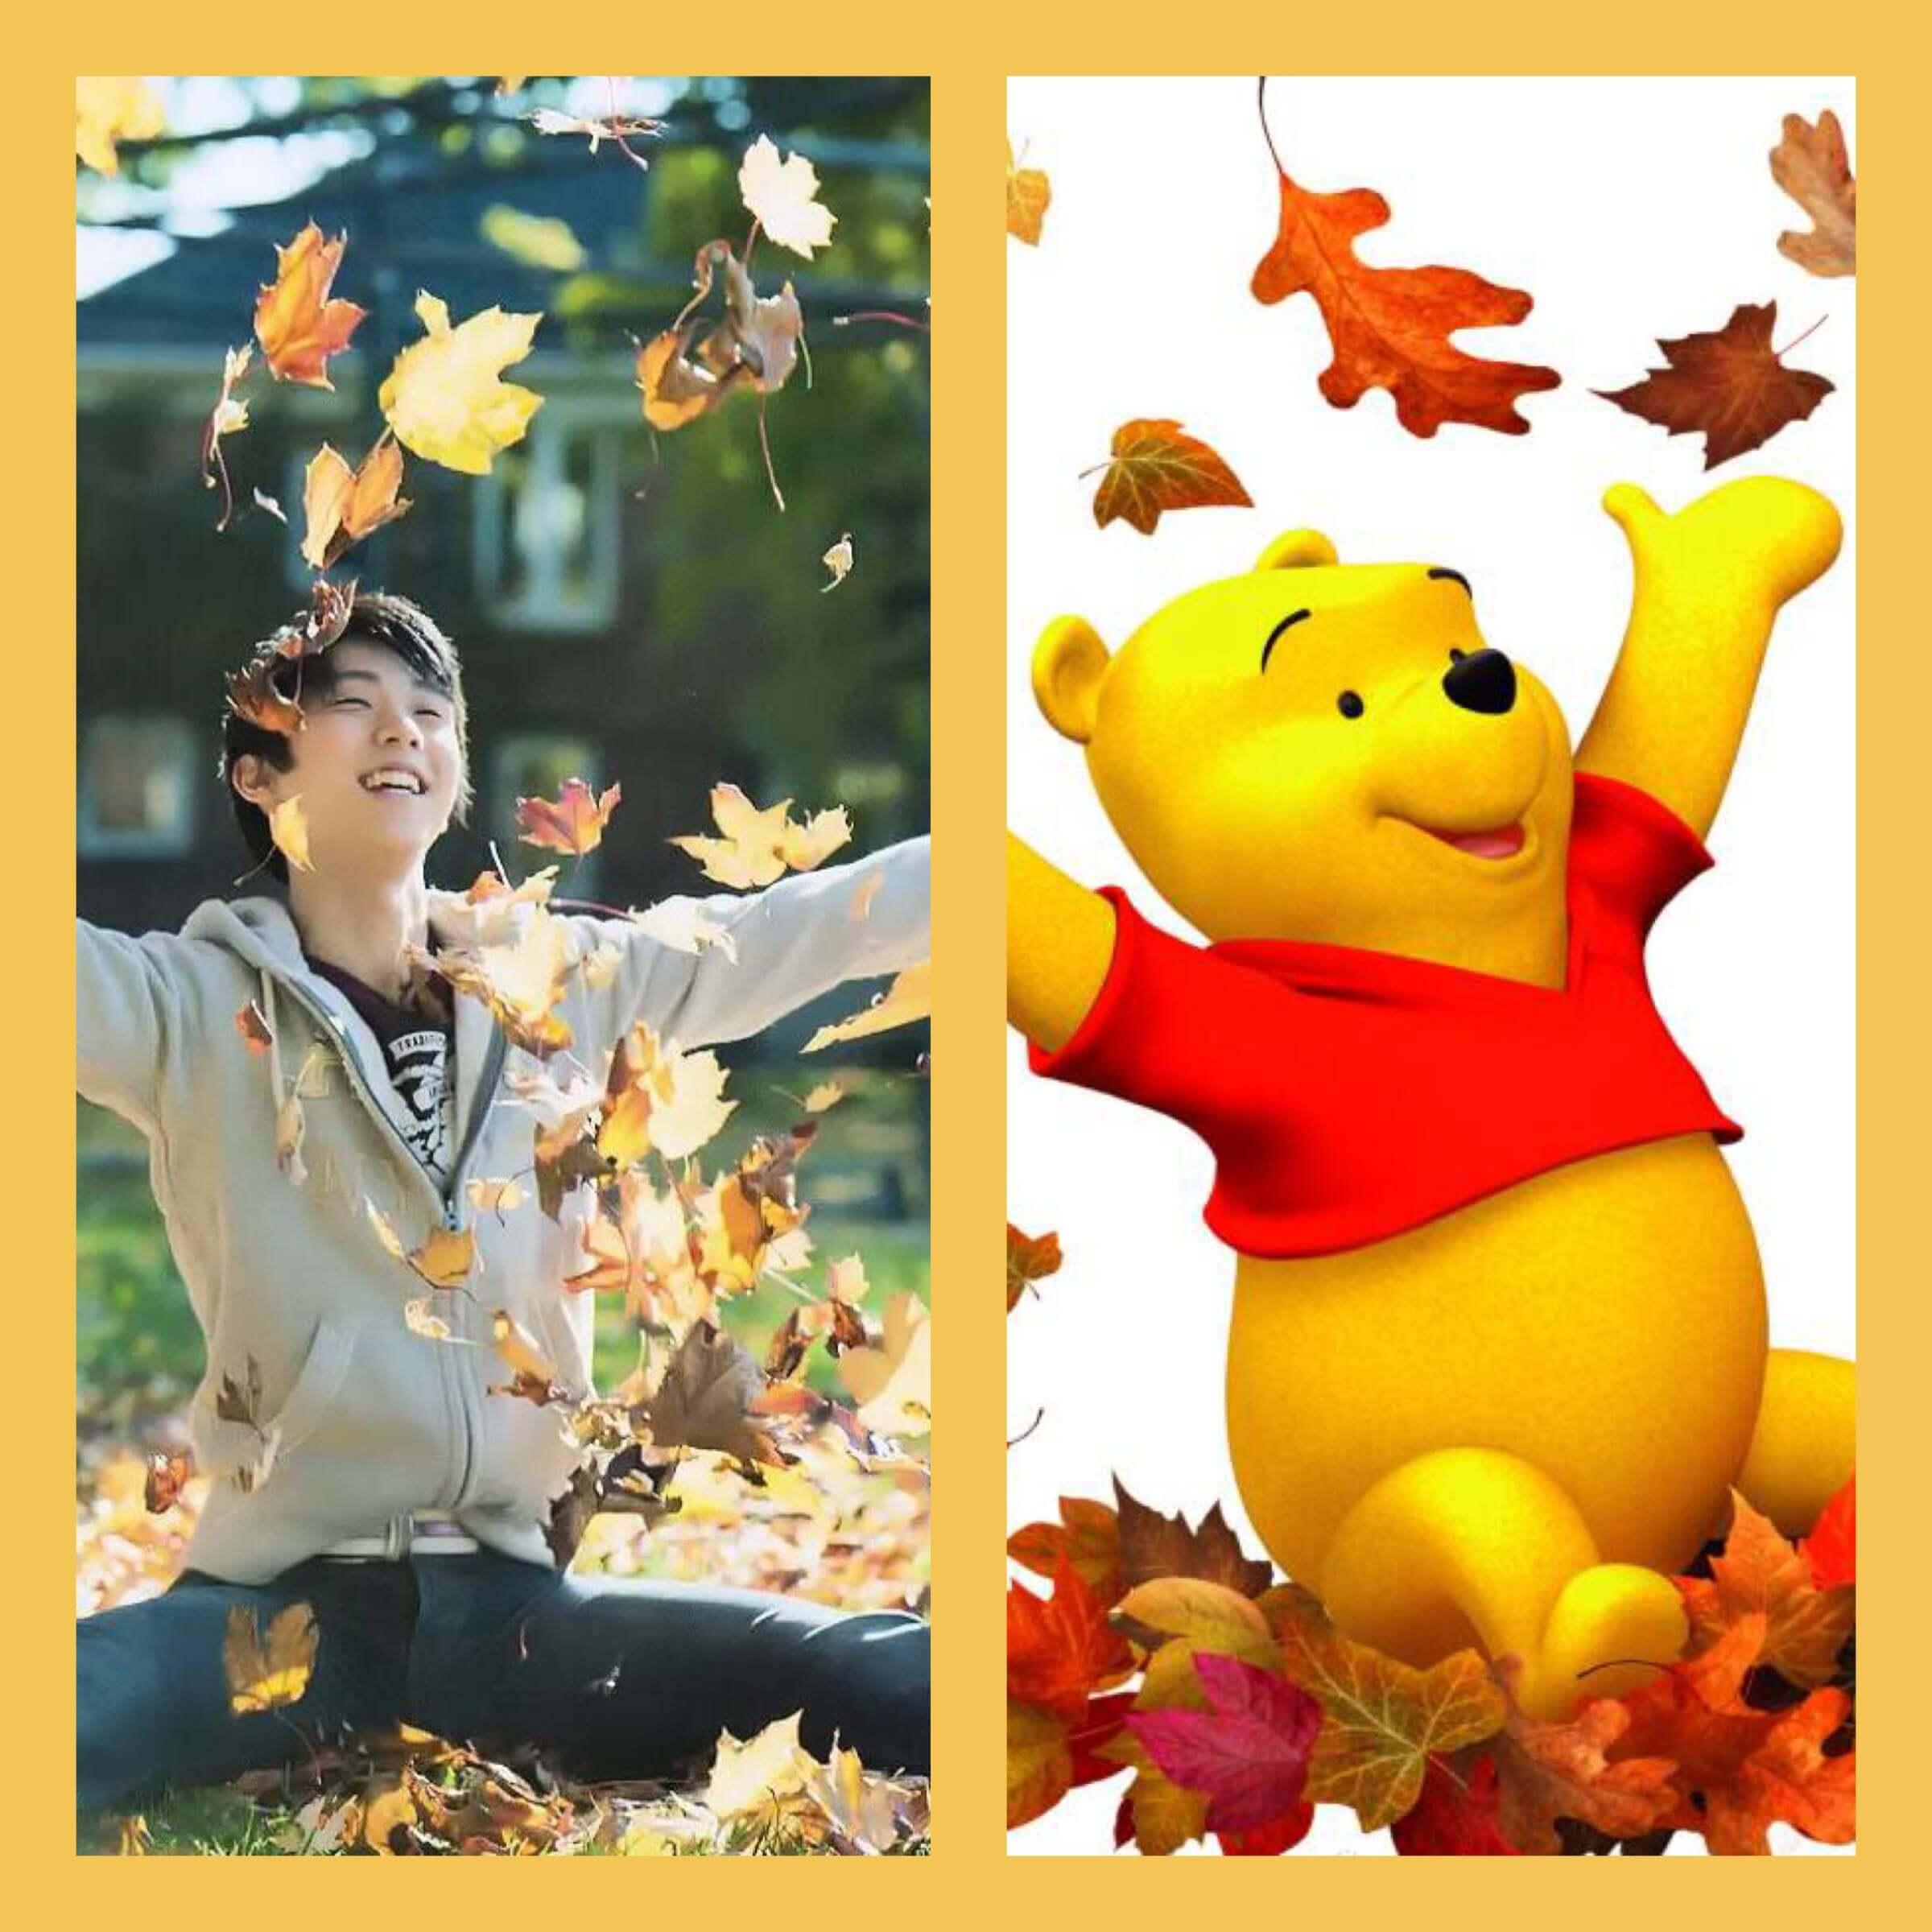 【羽生結弦画像】すっかり秋だね→完全に一致w